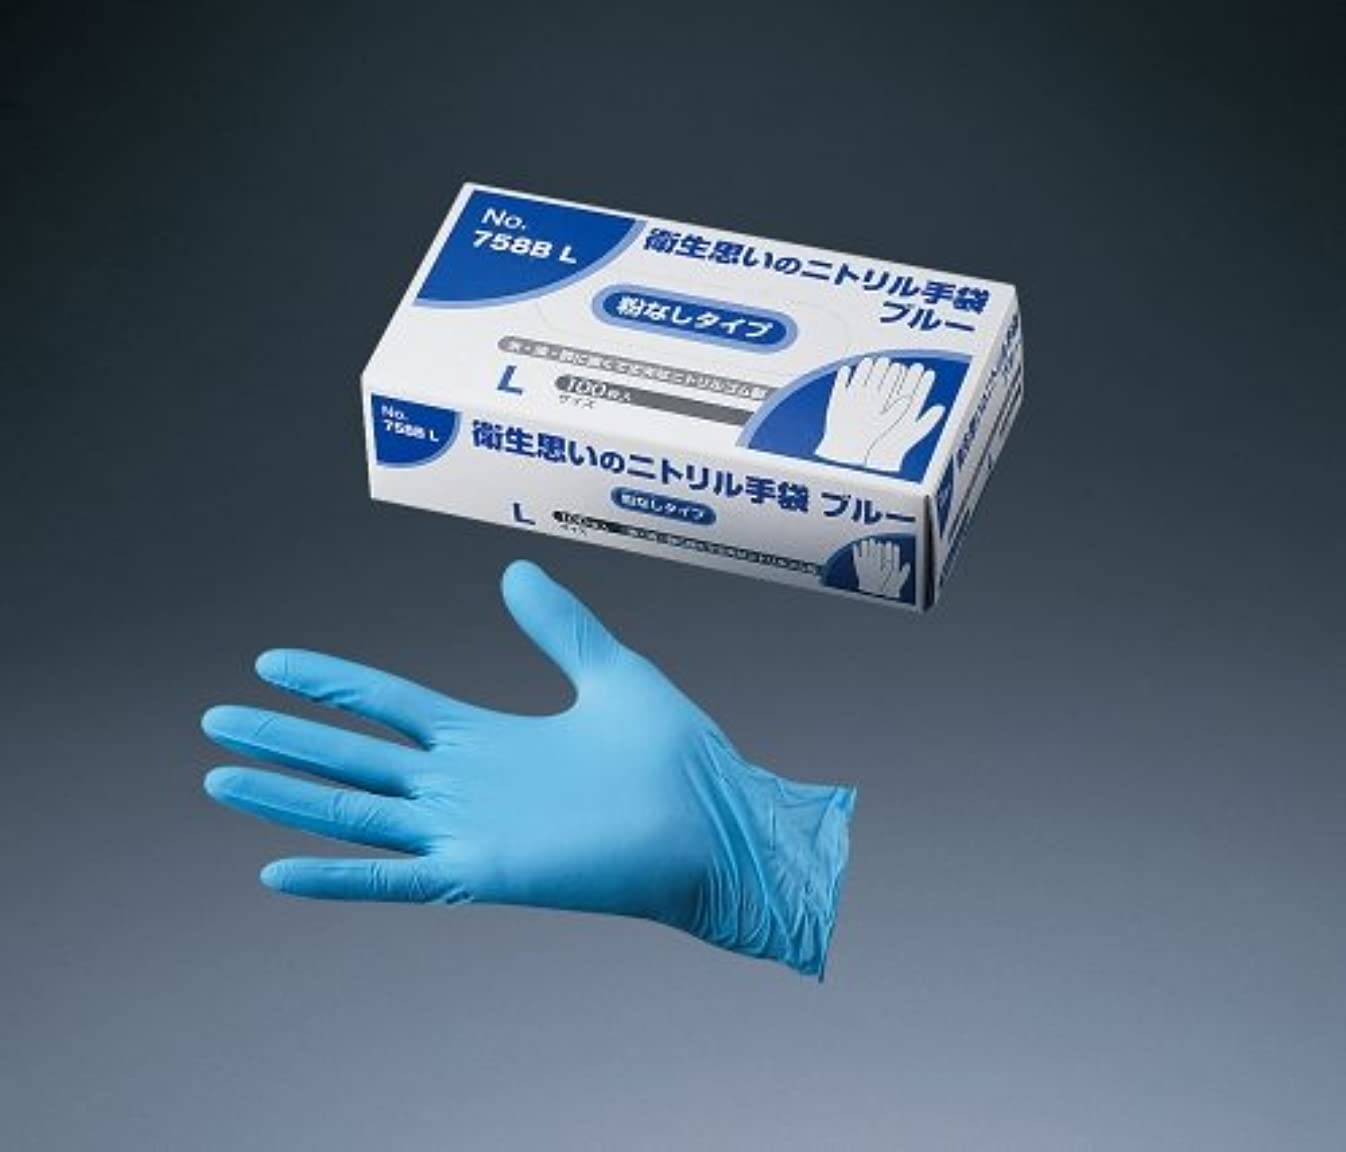 生き残りシアーバルコニー衛生思いのニトリル手袋(粉なし)ブルー No.758B S